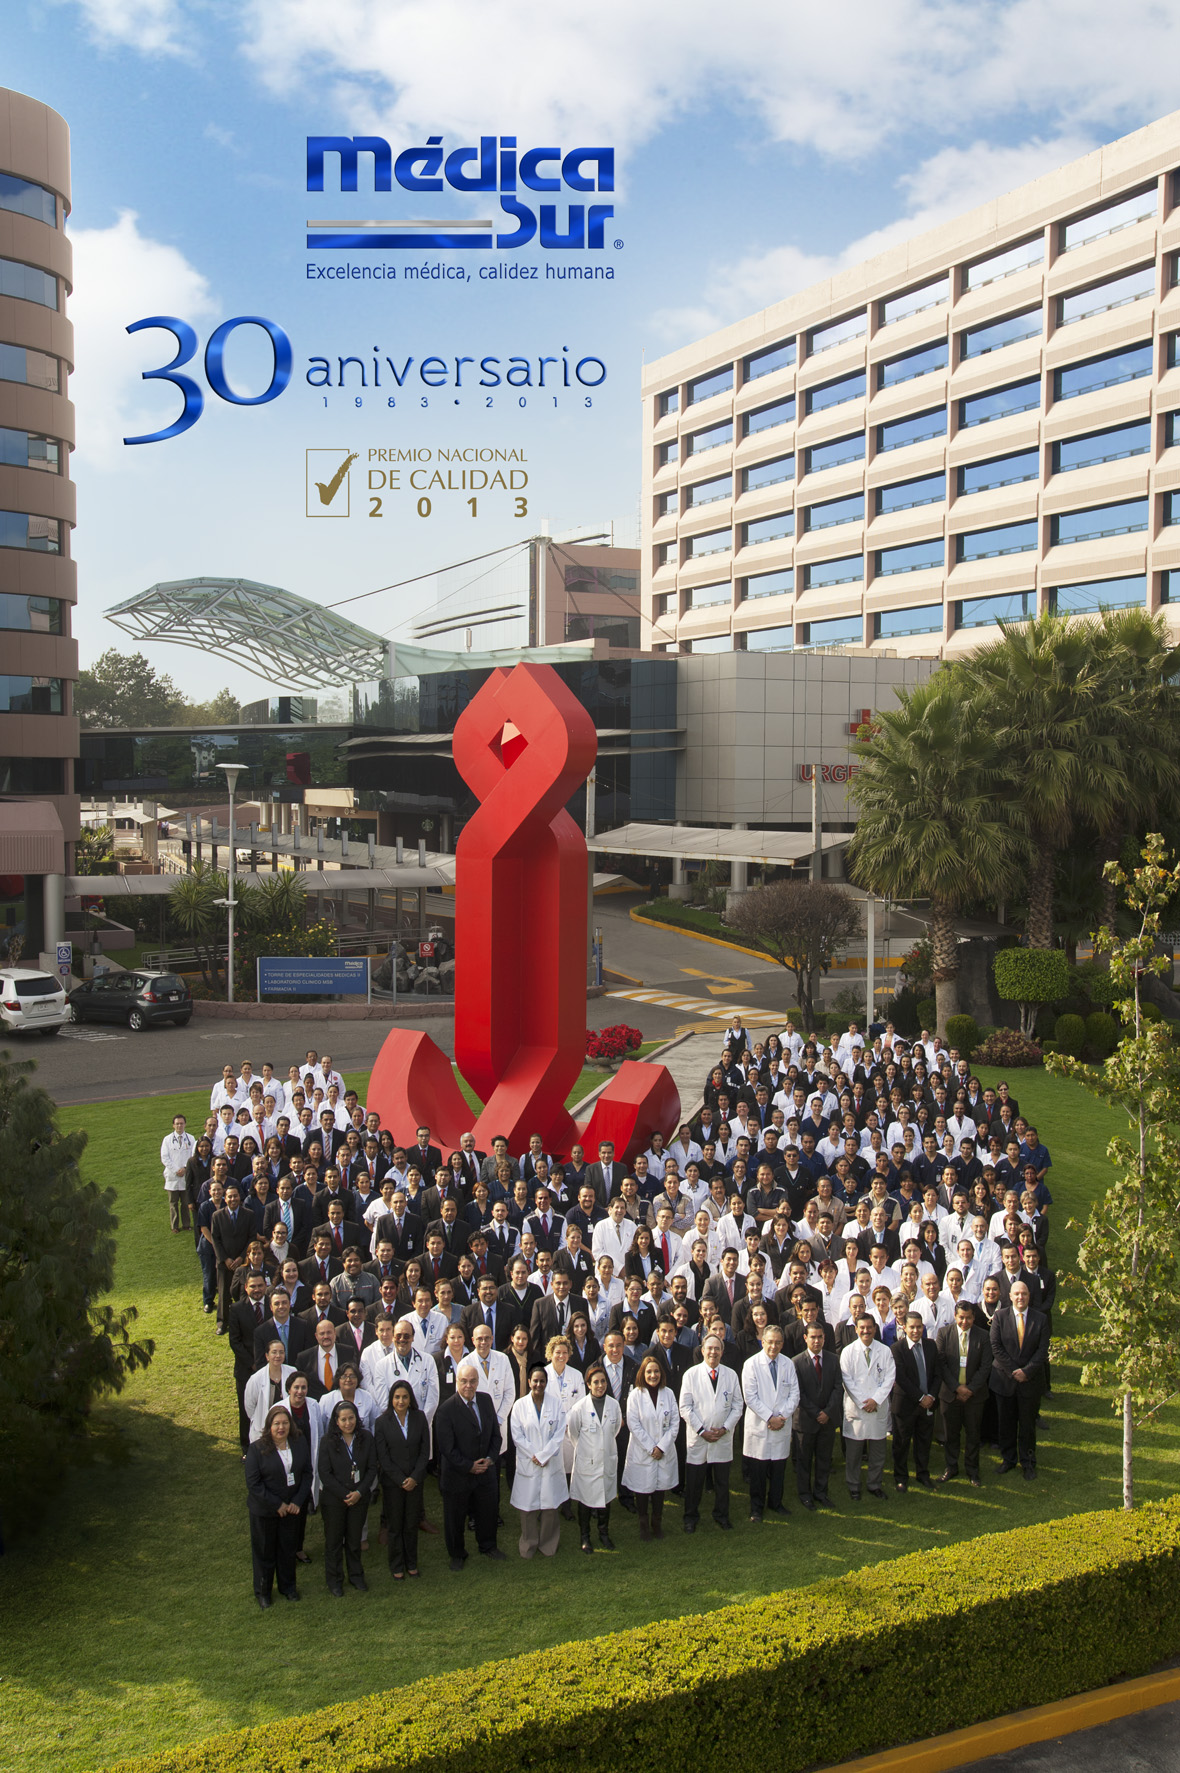 MASTER GRUPO PANORAMICA MEDICA SUR NOV 2013